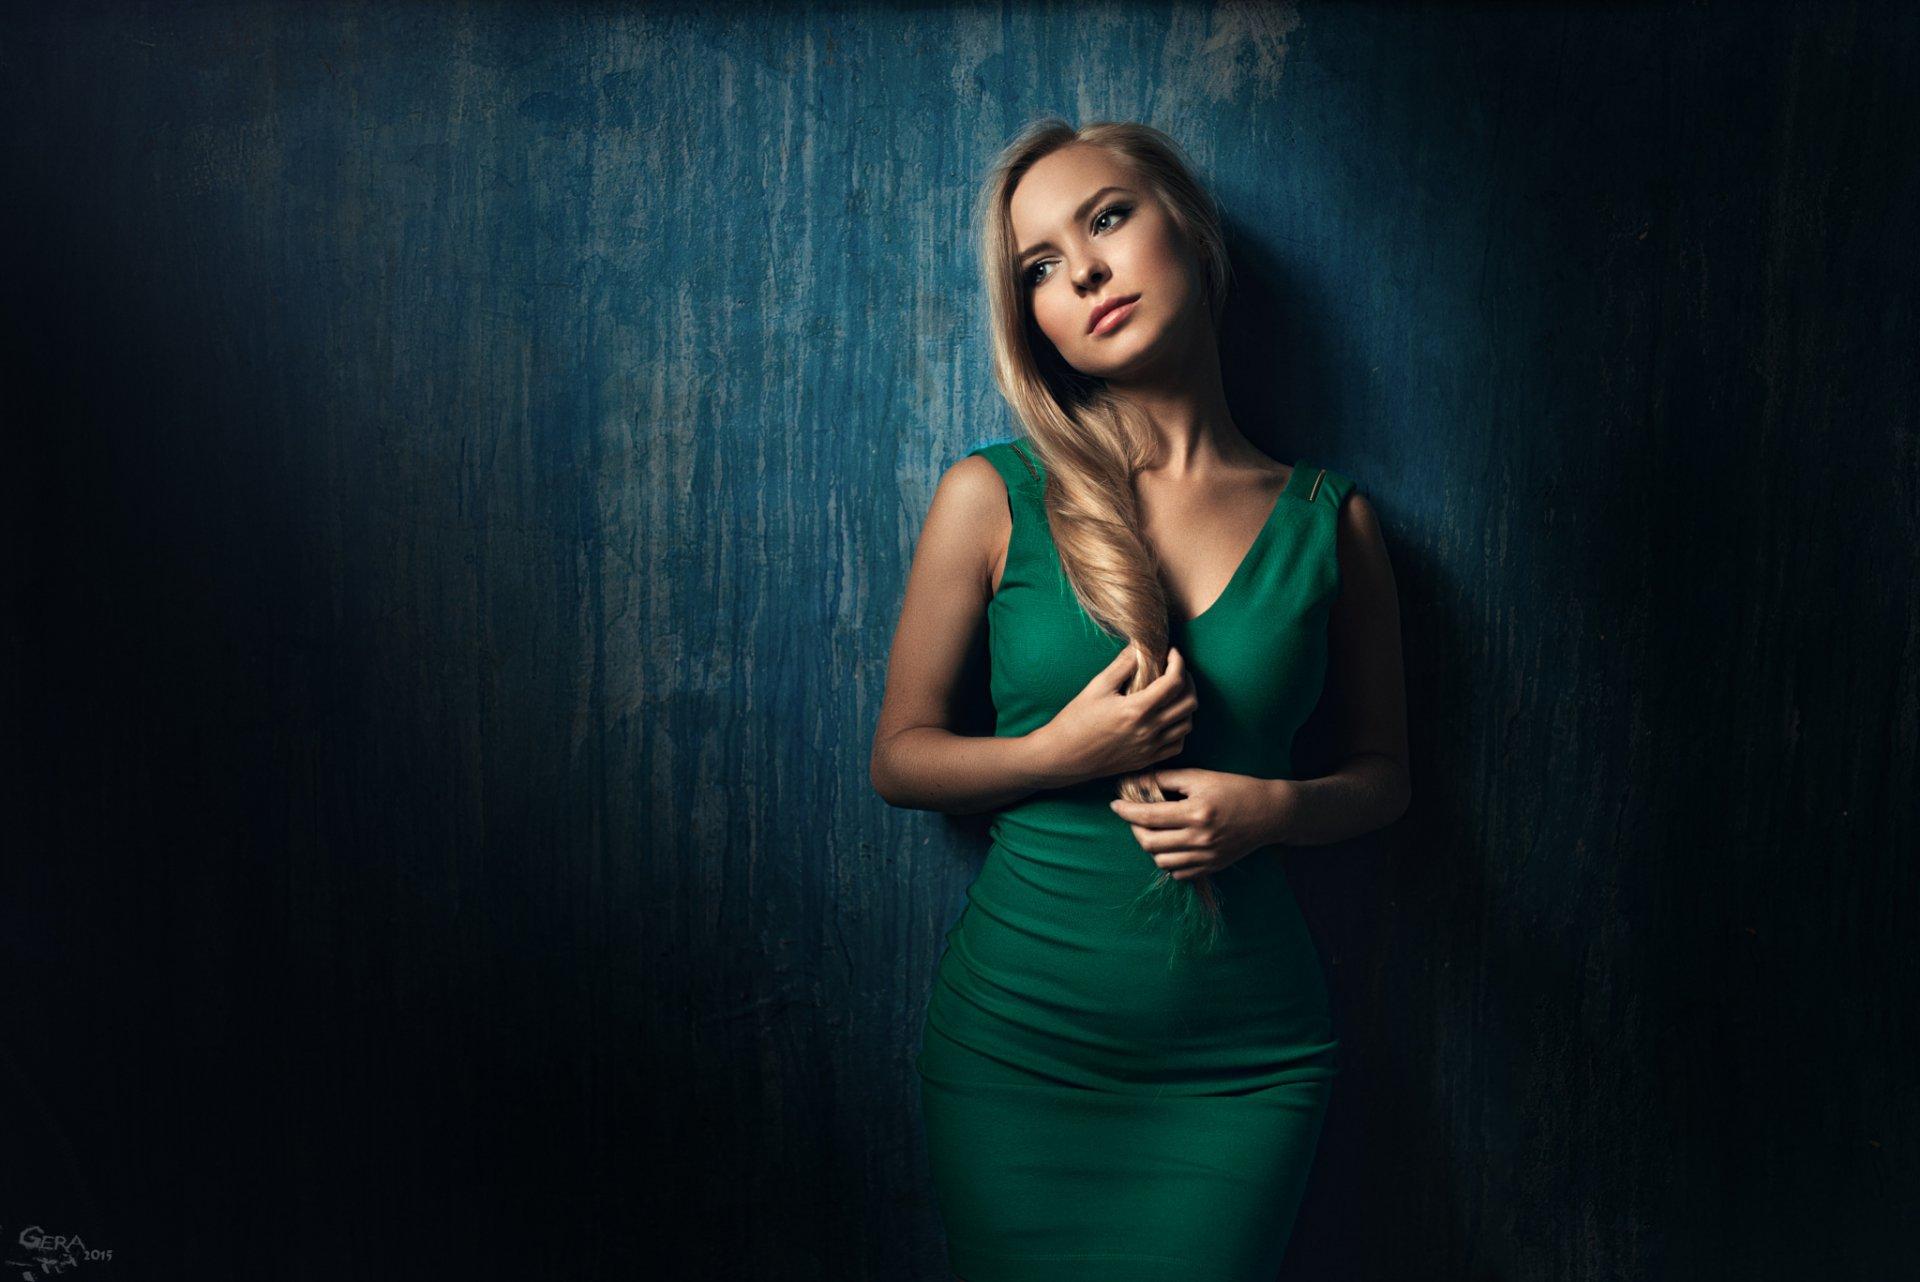 Обои девушка, блондинка, лицо, в зеленом платье, на кресле